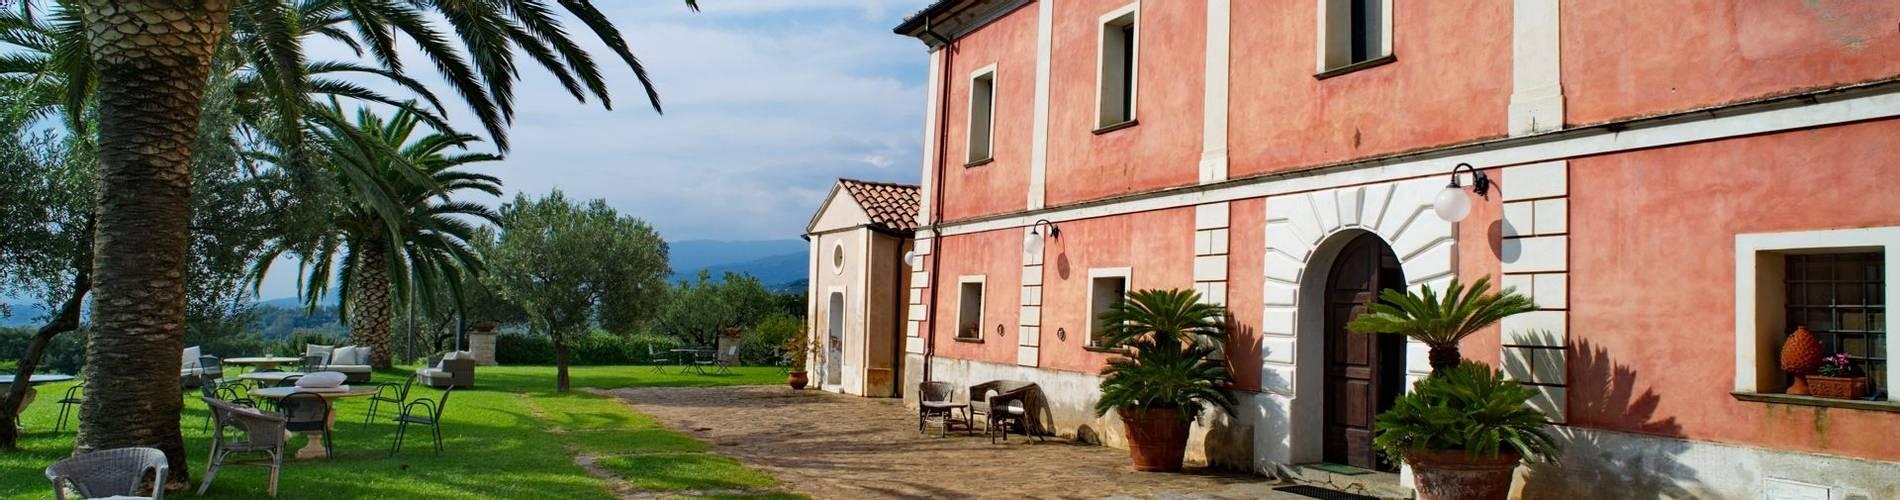 Il Casale, Calabria, Italy.jpg